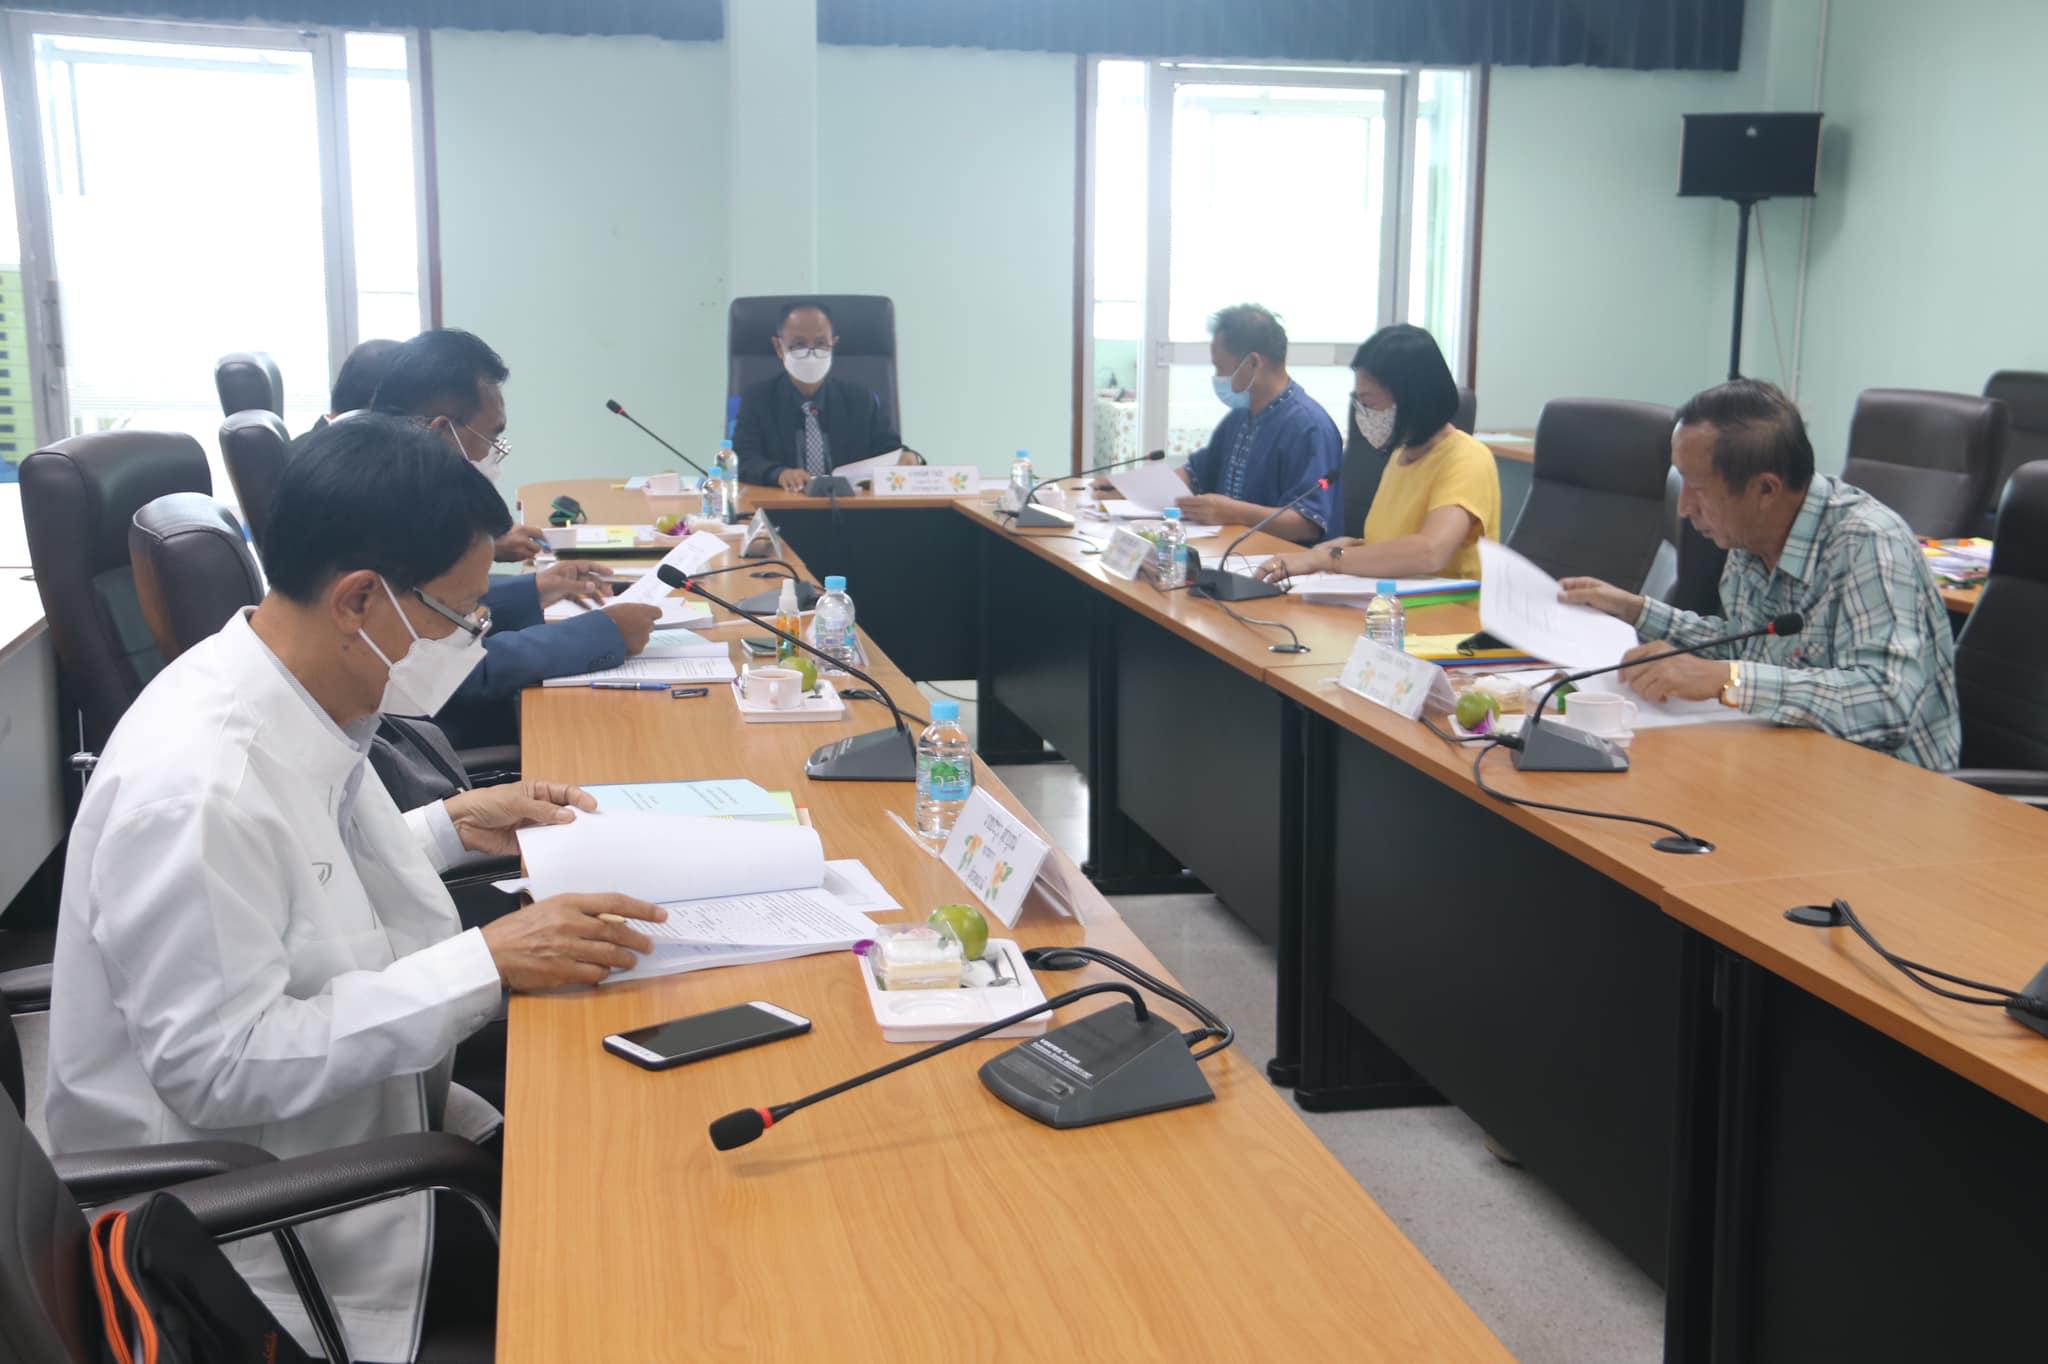 นายอนันต์ กัลปะ ผู้ทรงคุณวุฒิ เป็นประธานในการประชุมคณะอนุกรรมการศึกษาธิการจังหวัดกาญจนบุรี (ด้านบริหารงานบุคคล) ครั้งที่ 8/2564